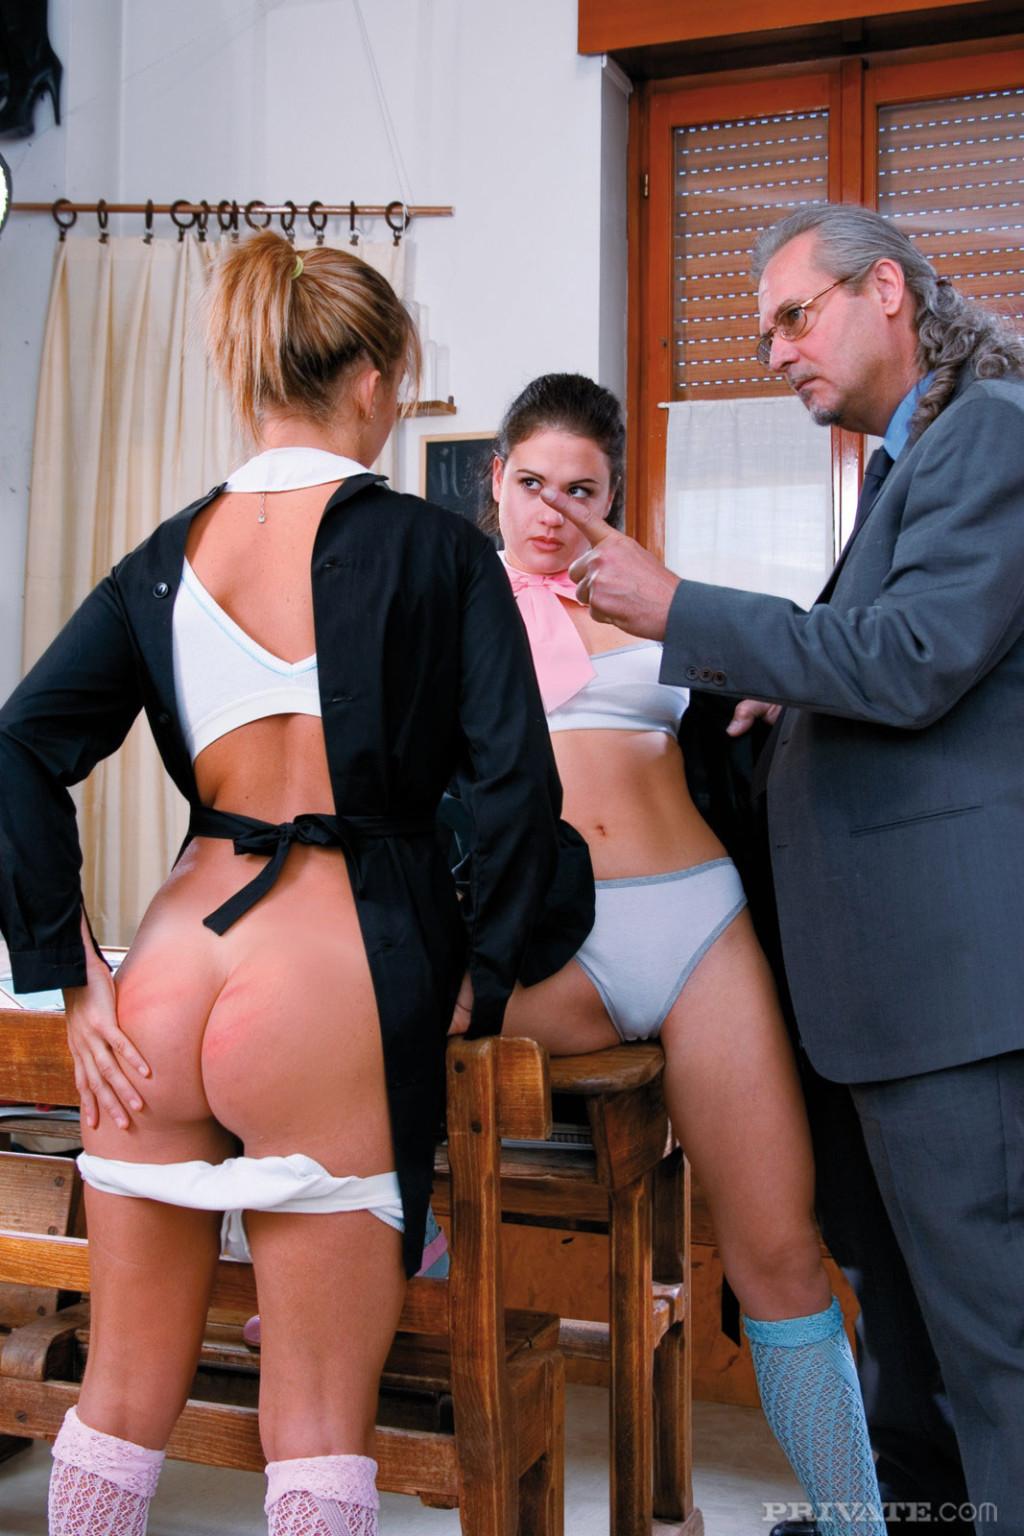 Мужчине в возрасте достается счастье оттрахать двух сексуальных сучек и доставить им удовольствие